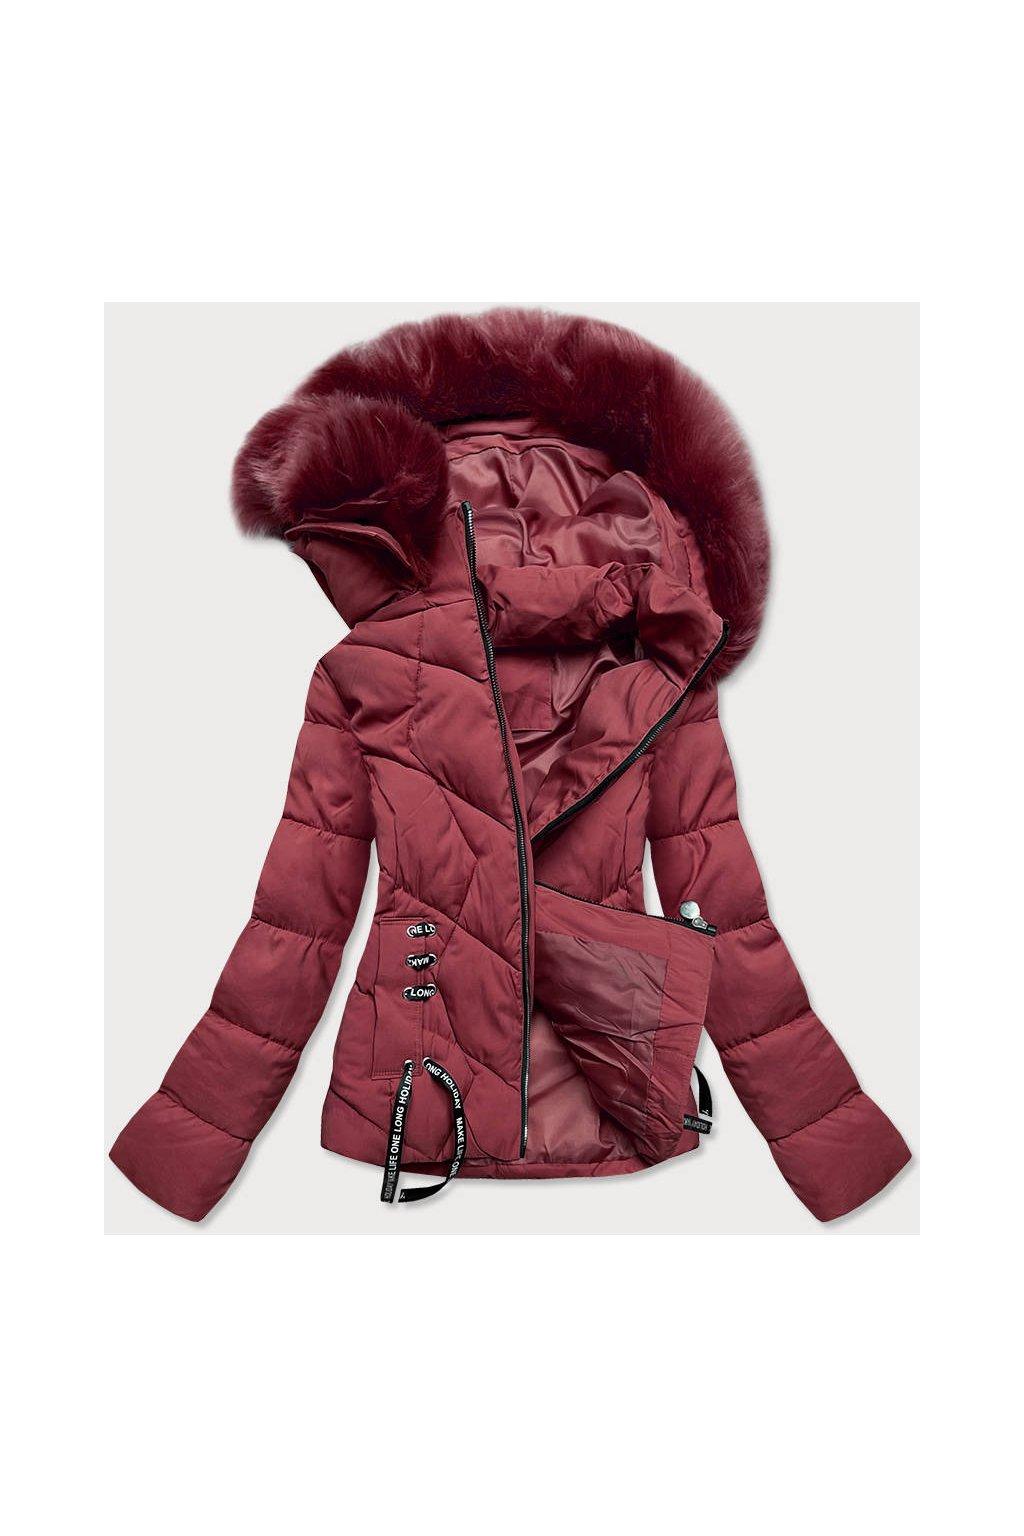 Dámska zimná bunda s kapucňou H1021-80 bordová